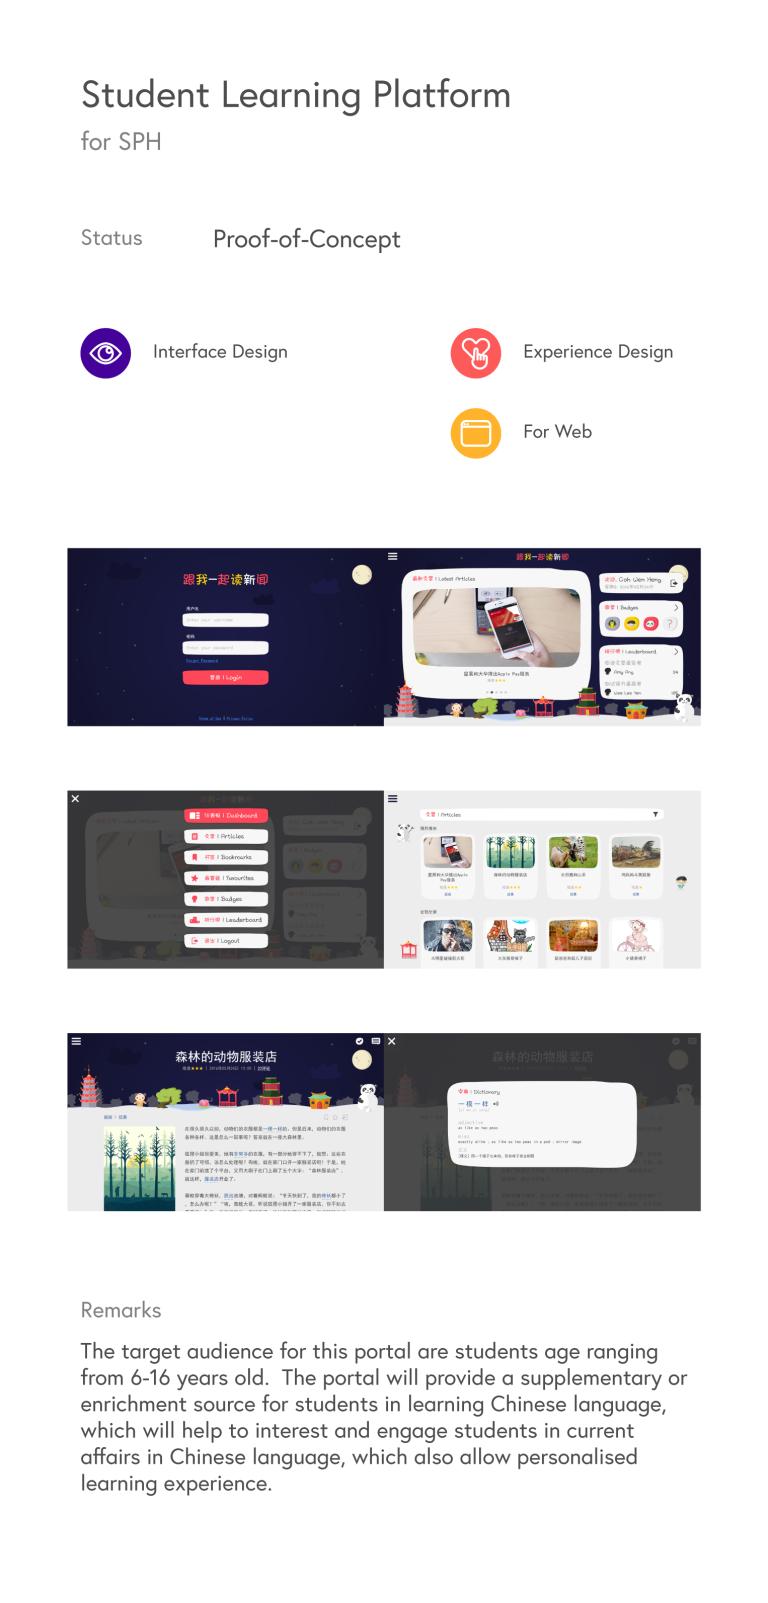 Student Learning Platform